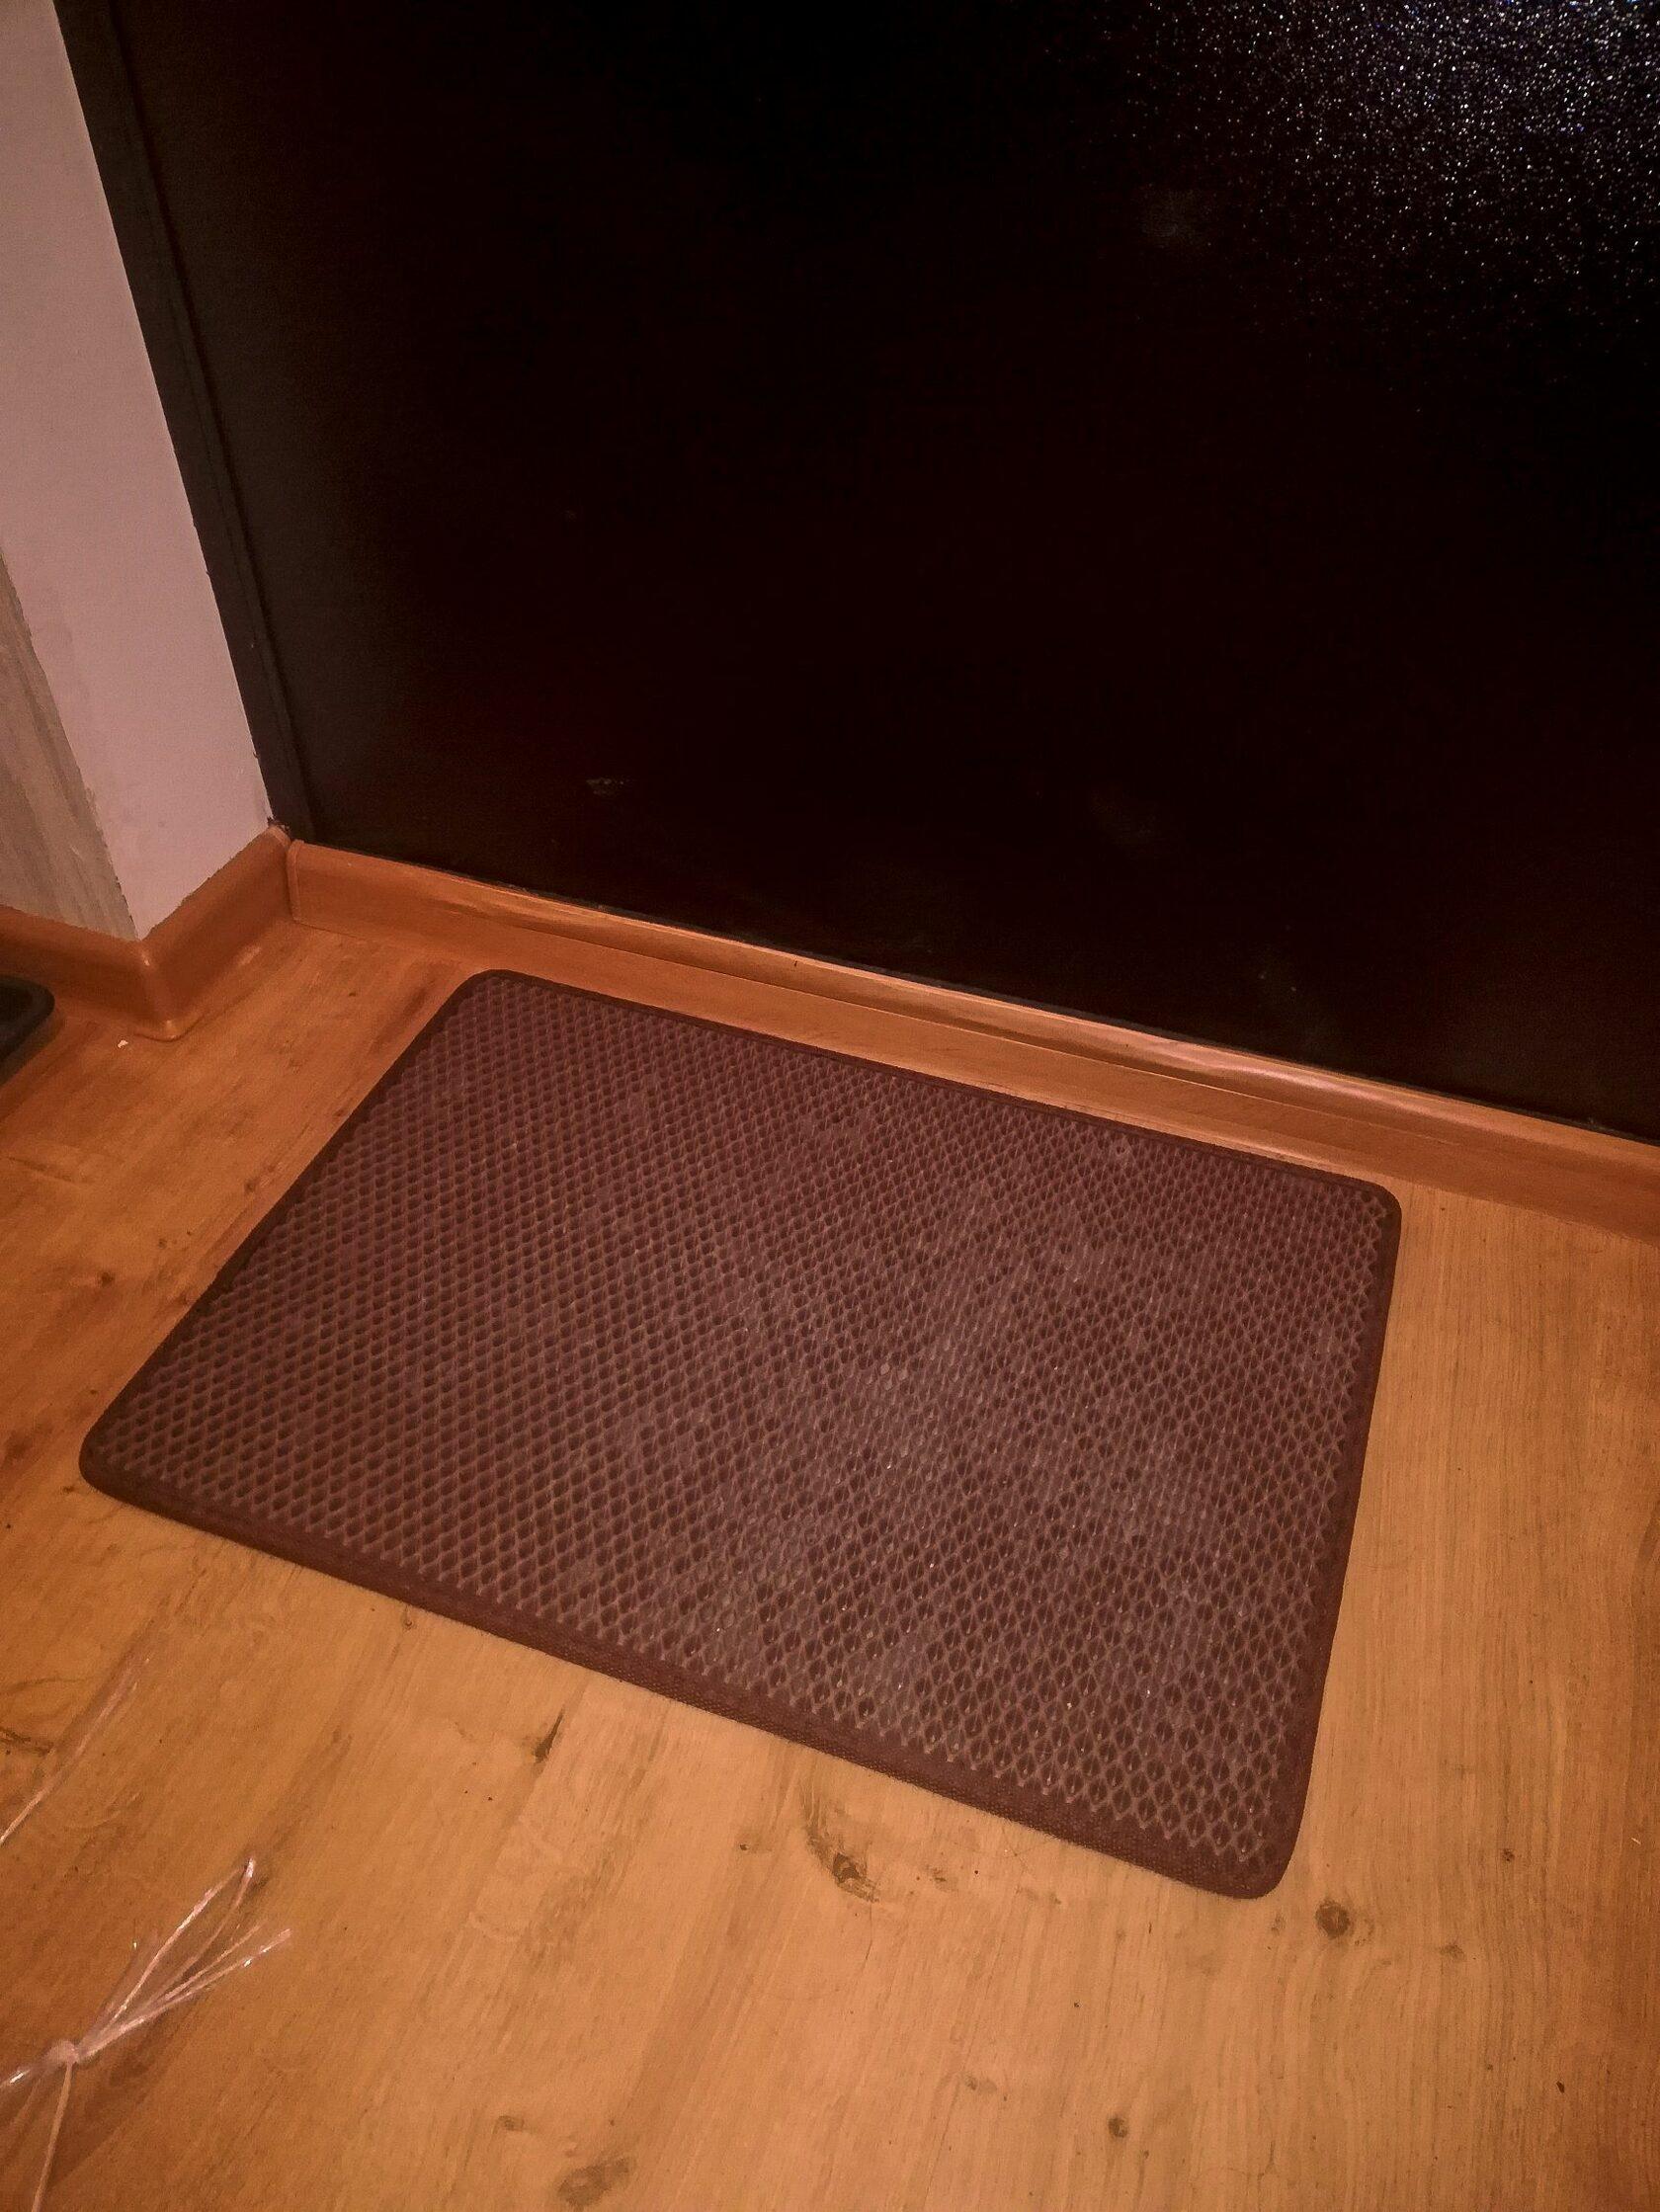 Коврик для дома стандартного размера из ЕВА материала